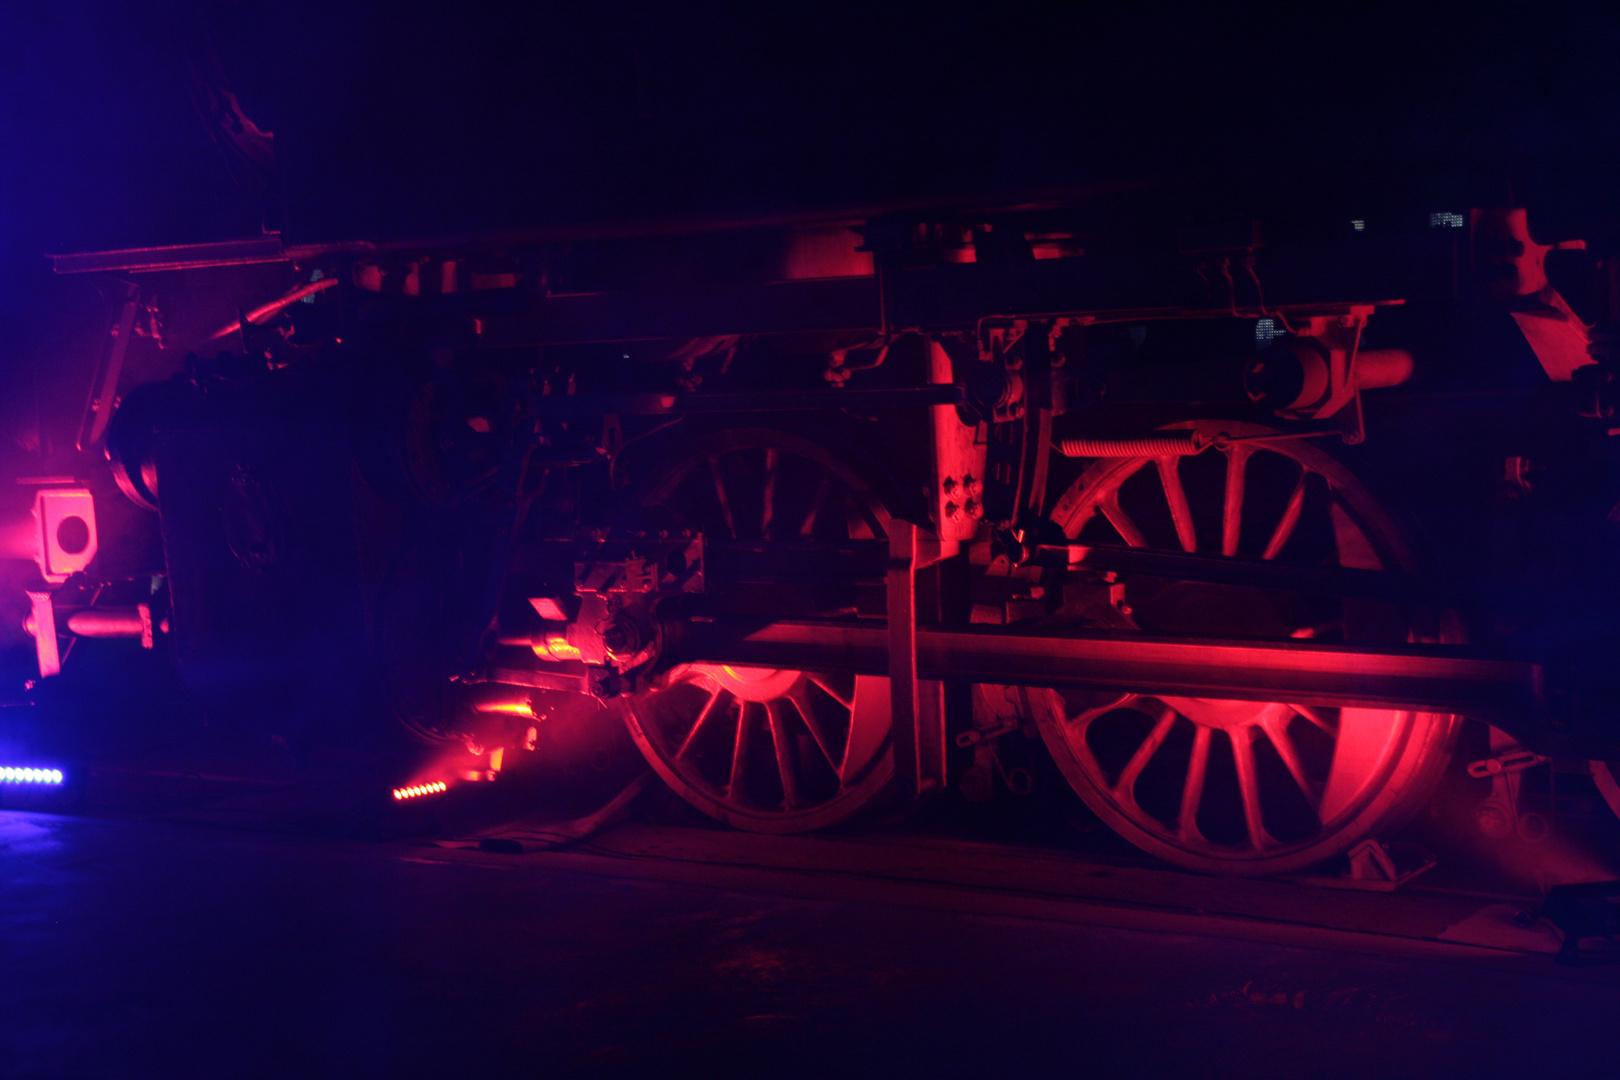 Fahrgestell einer Dampflock